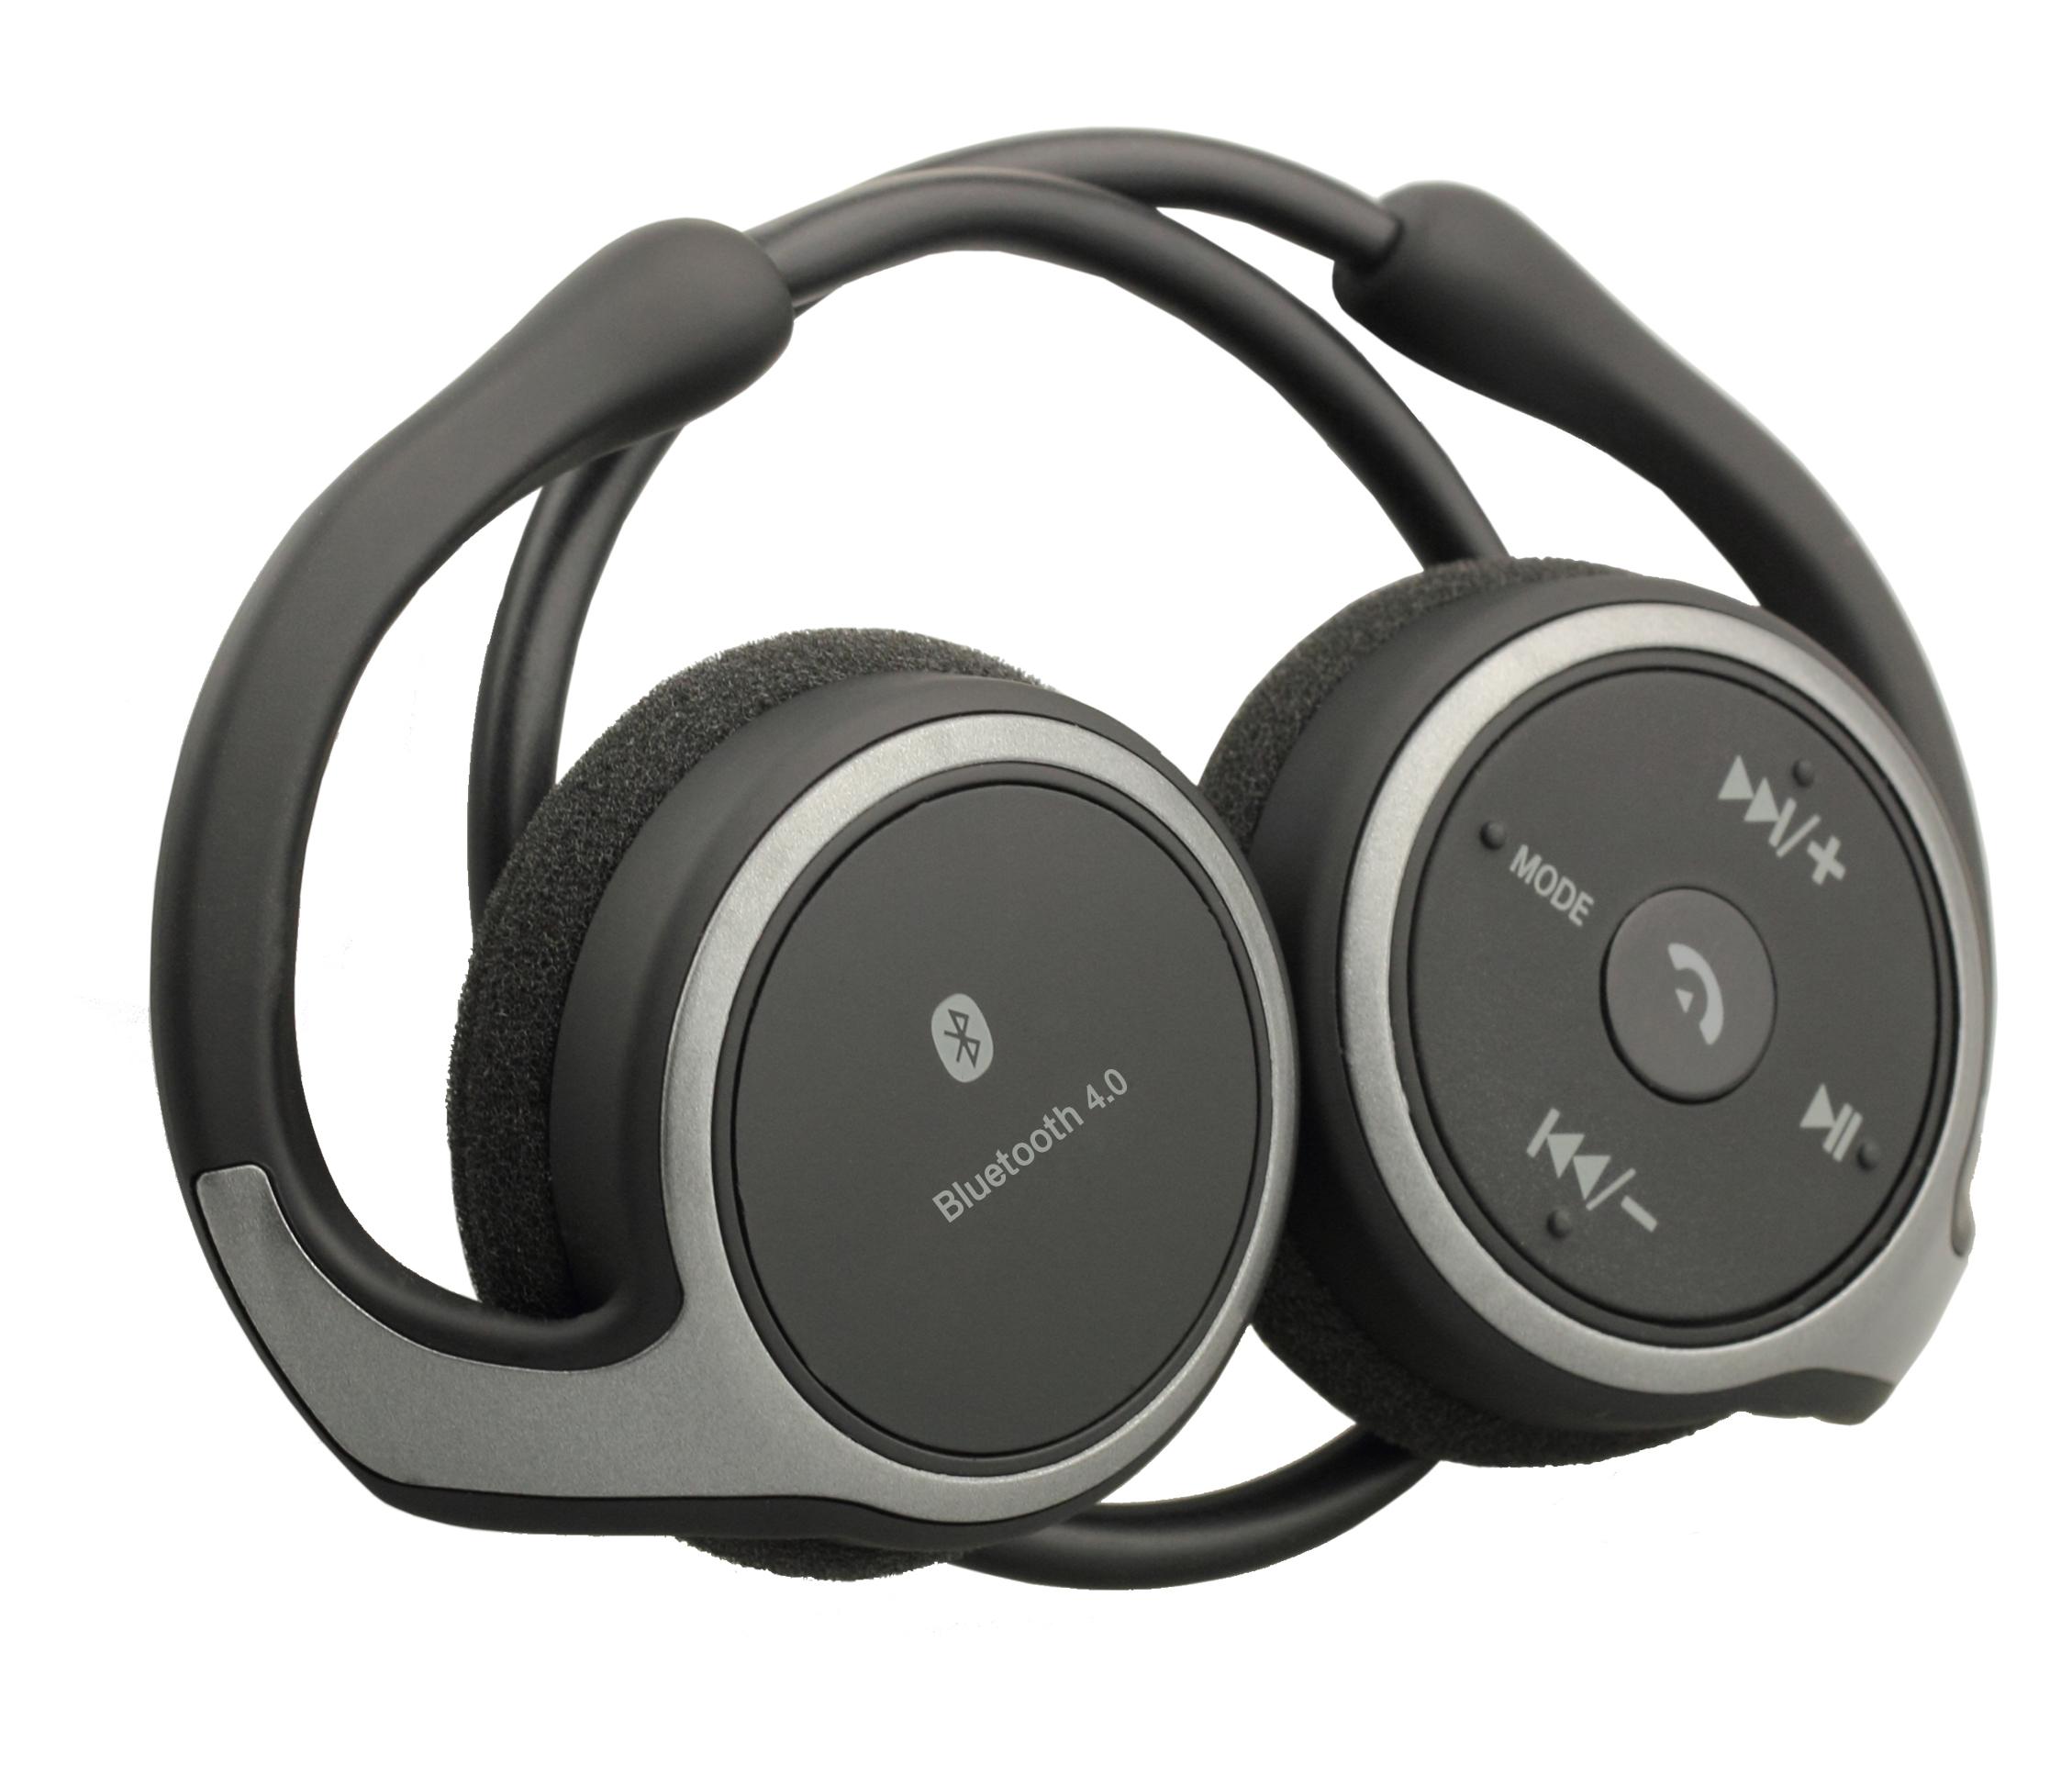 SX-998 3 in 1 tragbare Sport Drahtlose Kopfhörer mit tf-karte und FM radio Headset